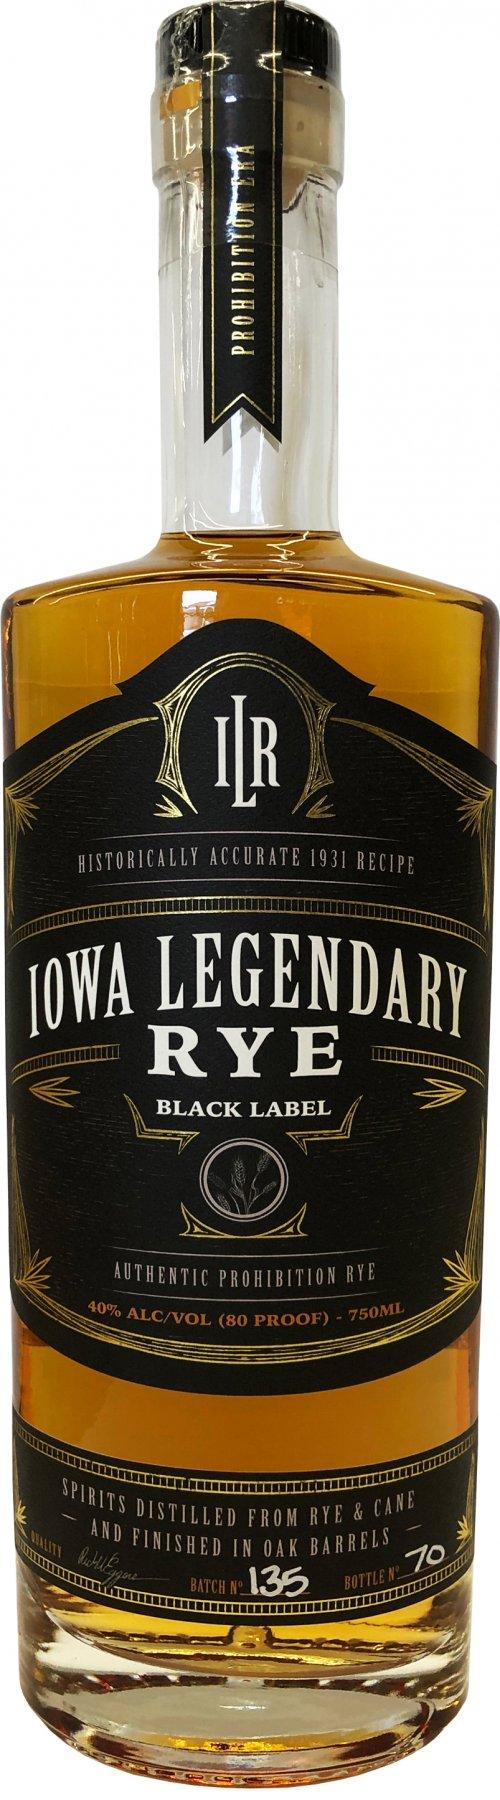 Iowa Legendary Rye Black Label